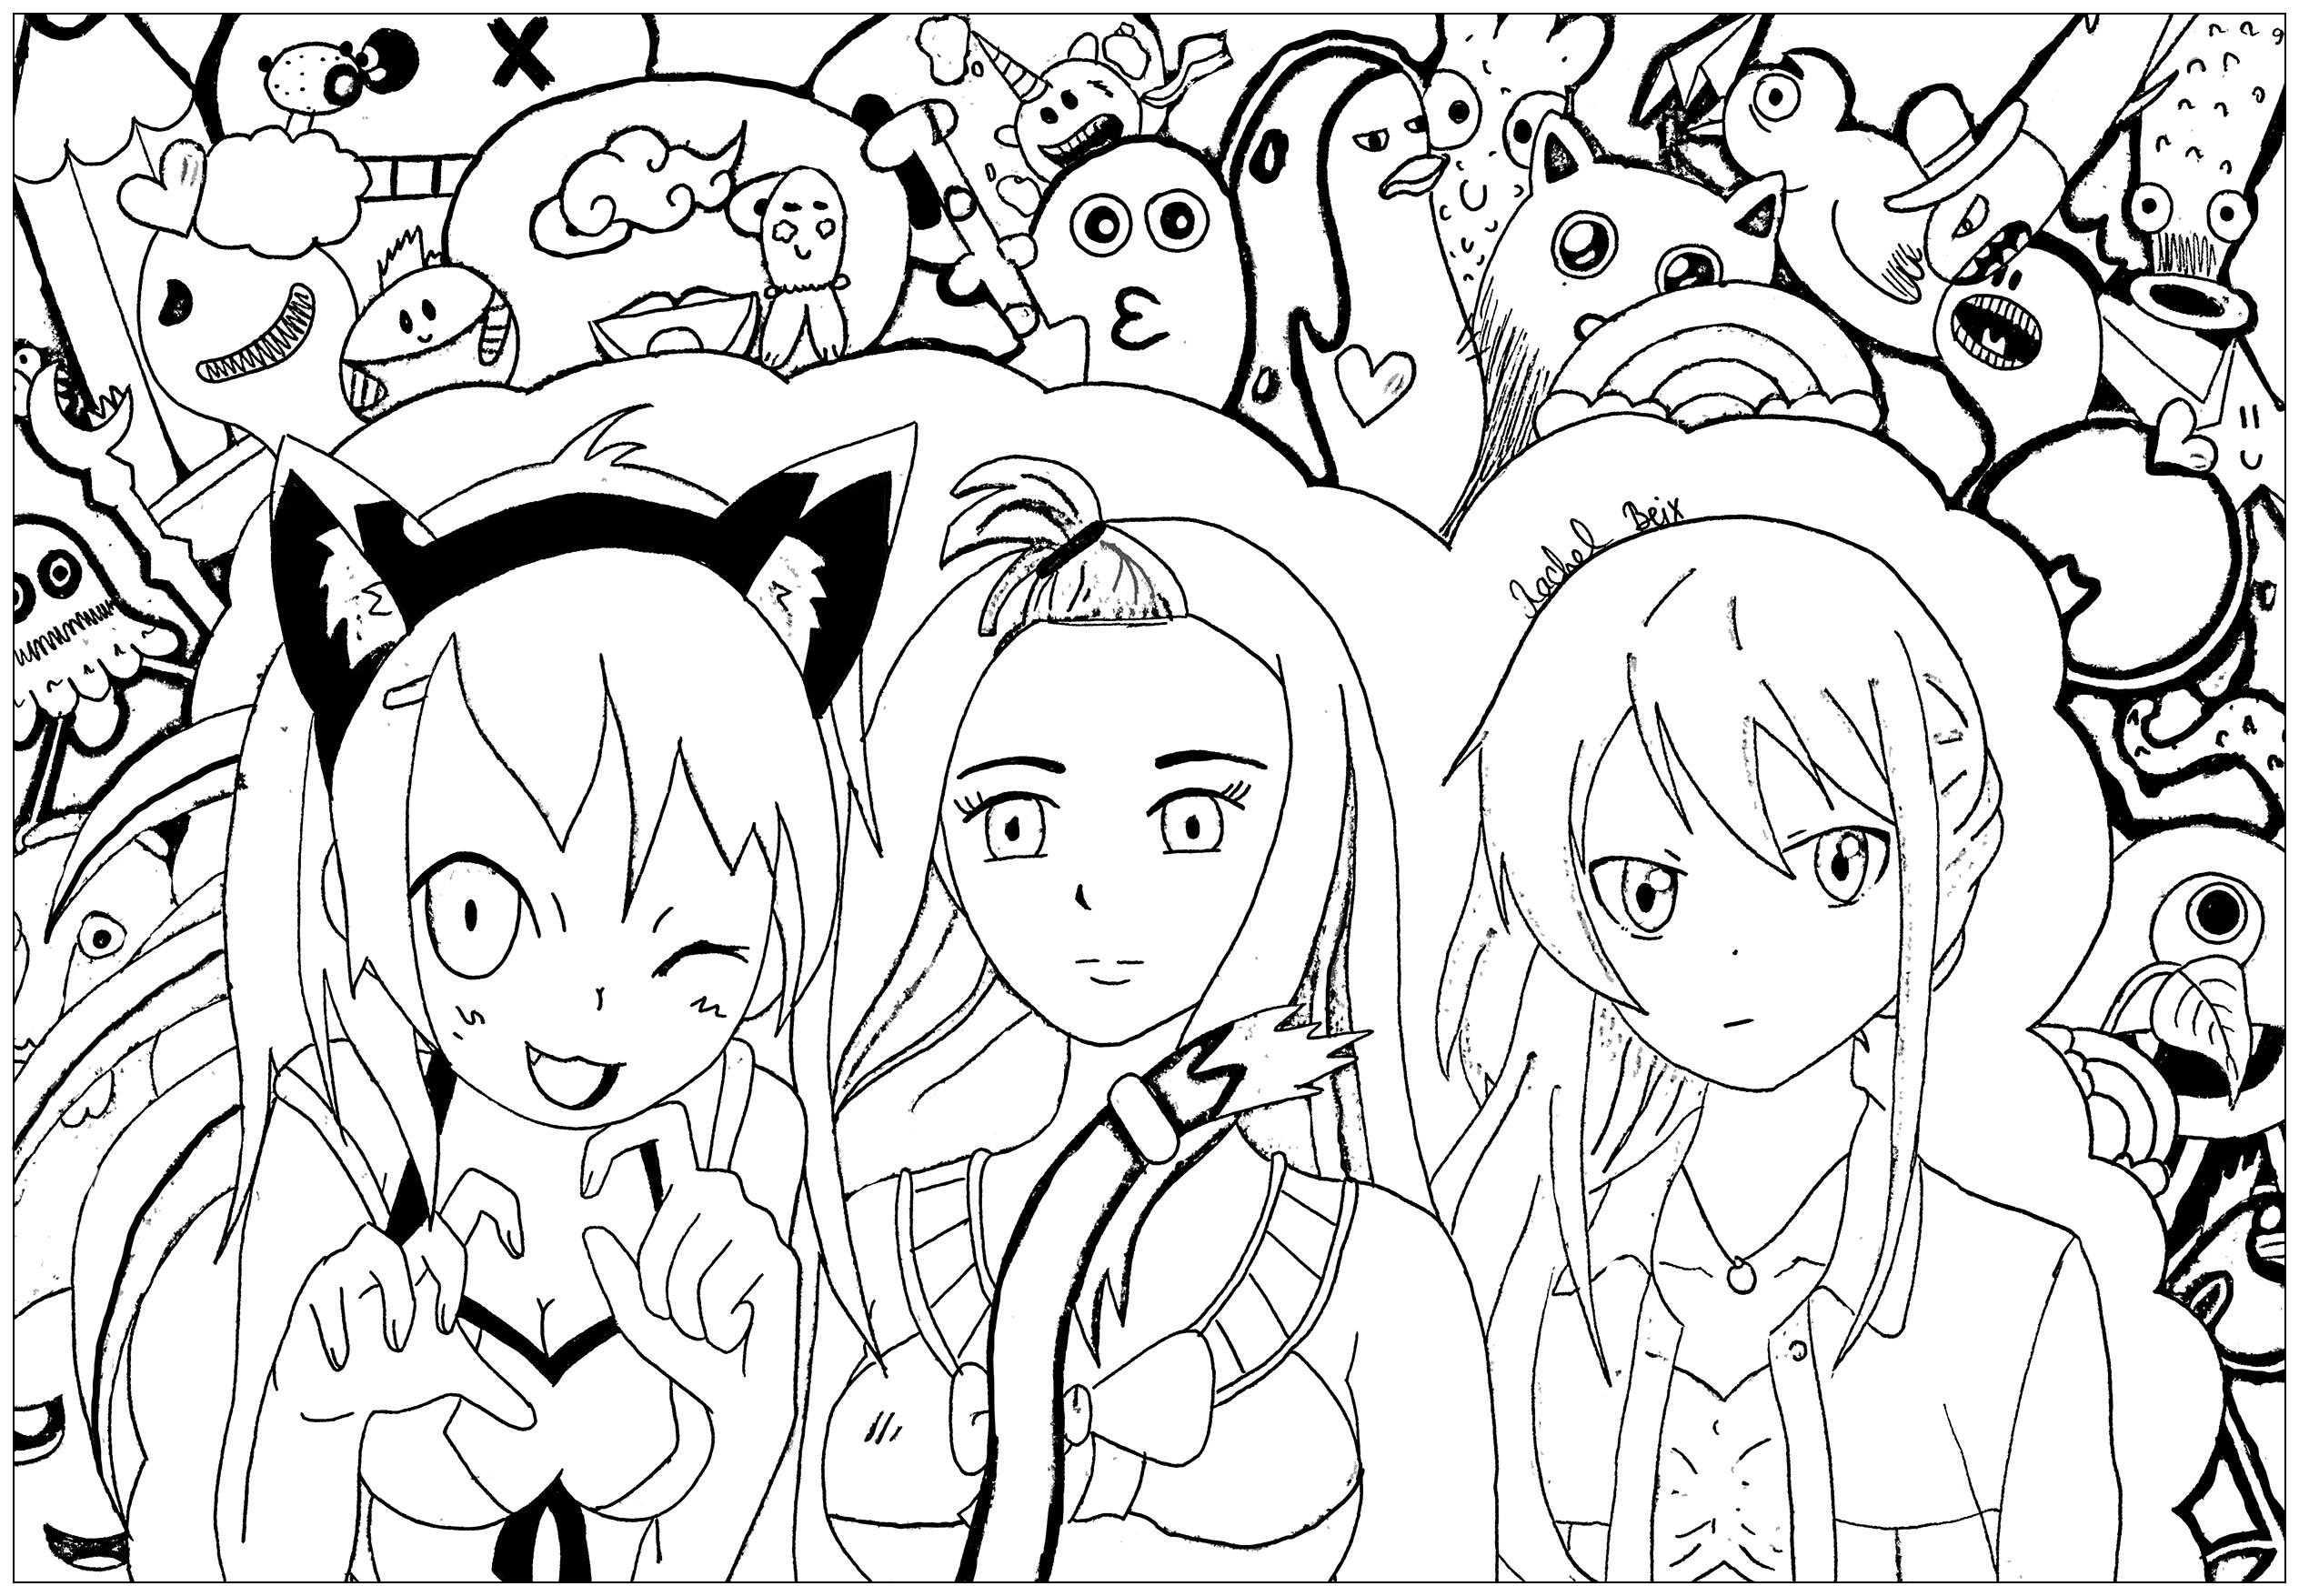 'Bazar' : 3 personnages Manga originaux, et leurs drôles de compagnons